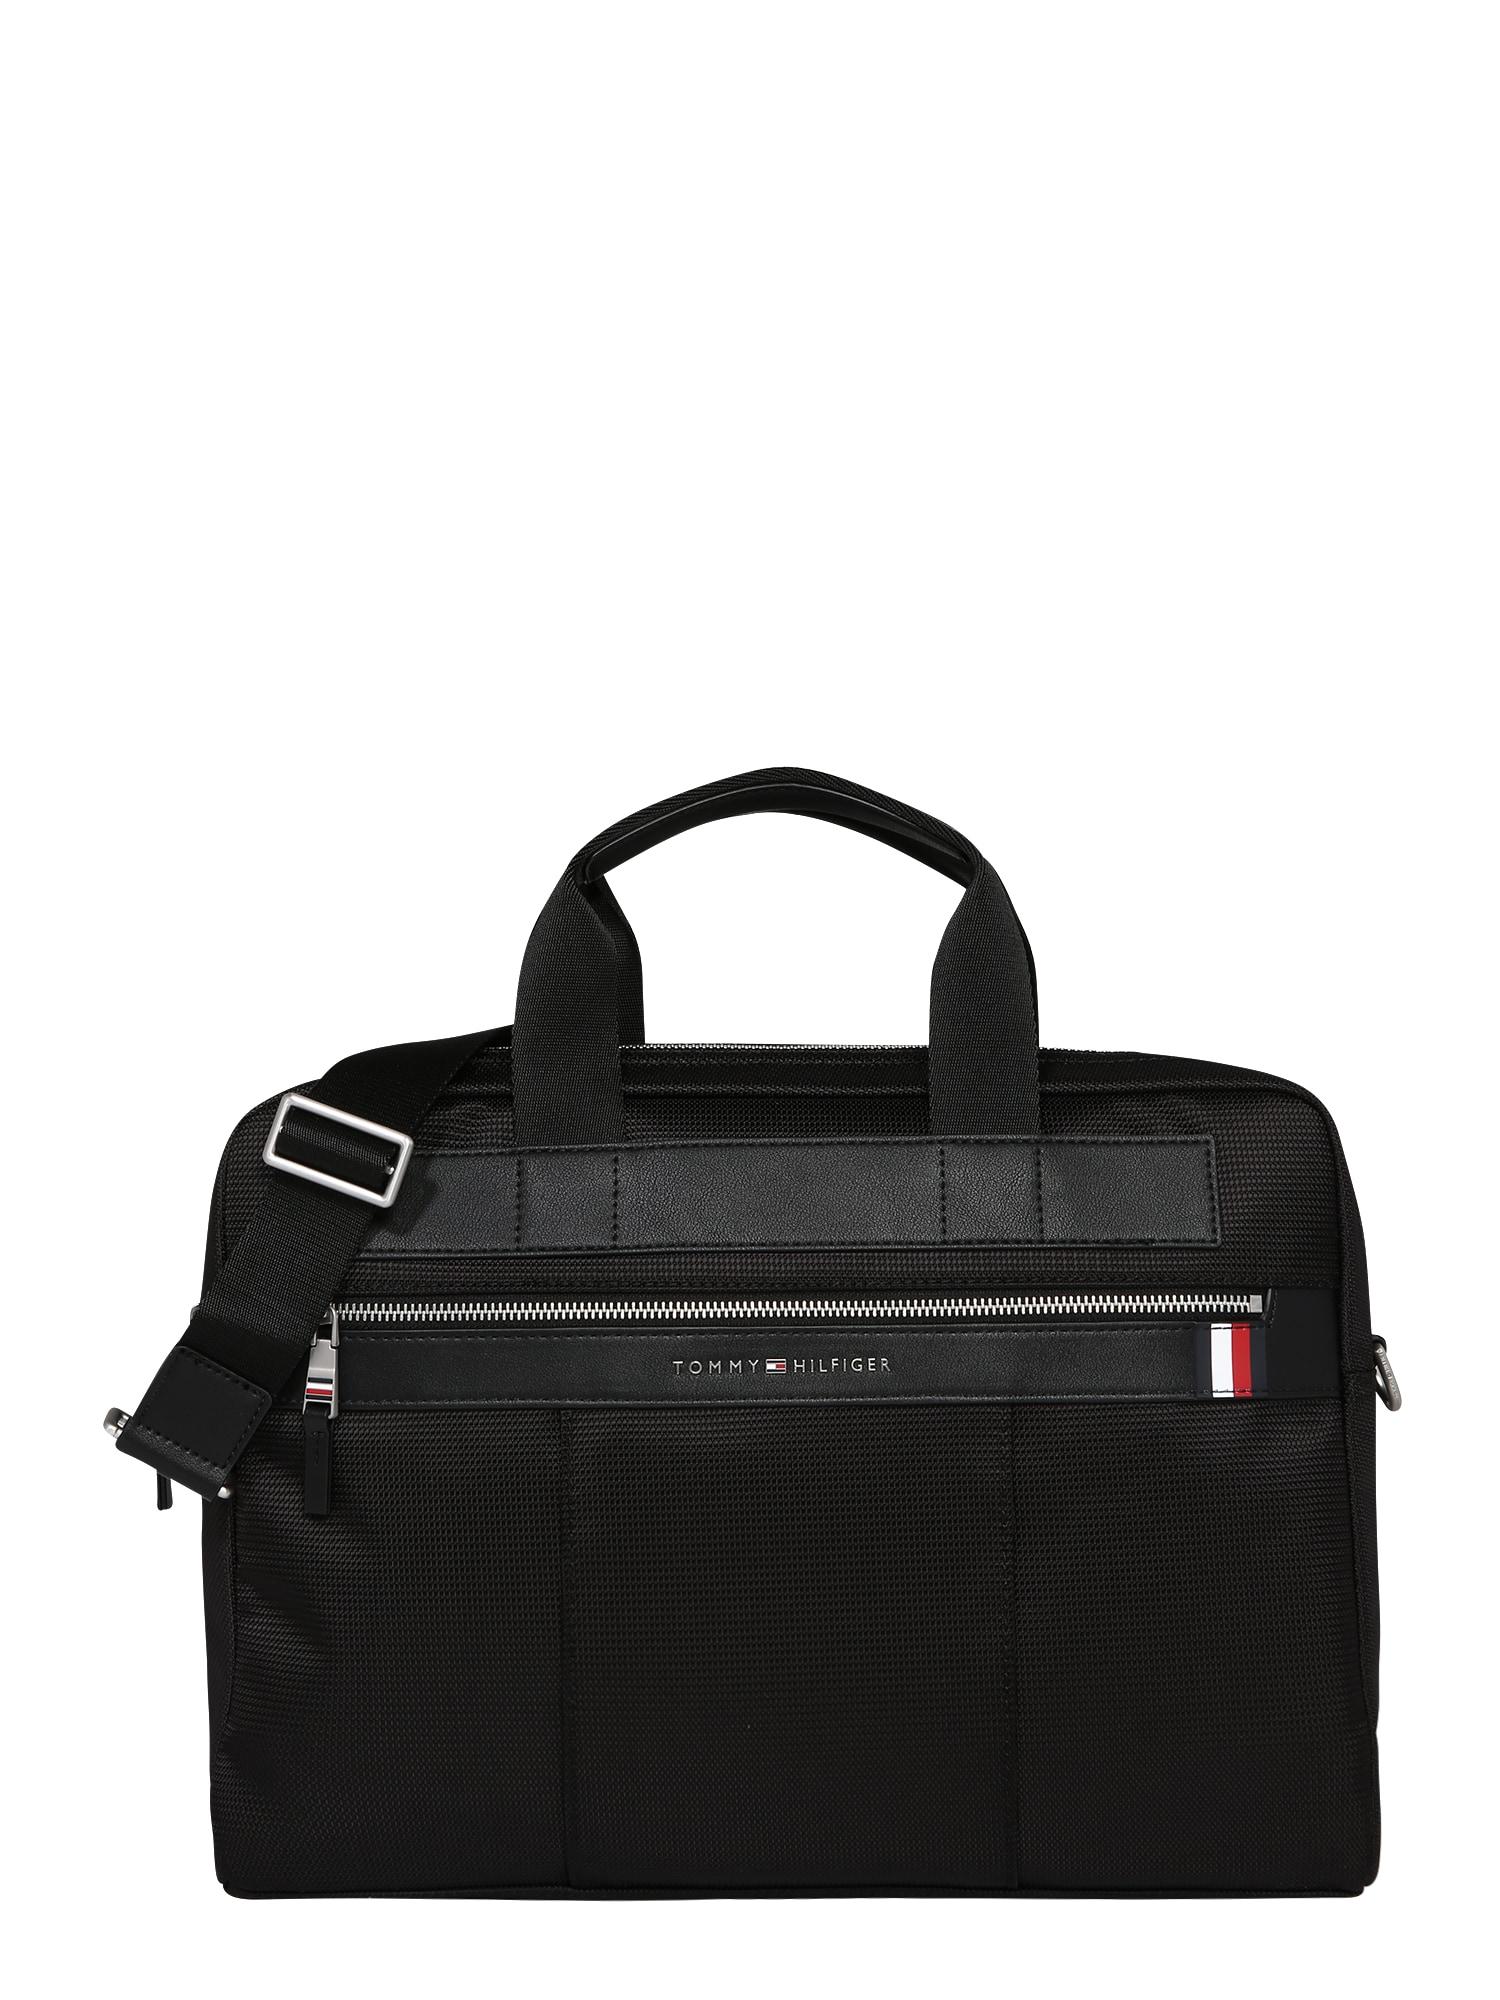 TOMMY HILFIGER Nešiojamojo kompiuterio krepšys 'ELEVATED NYLON COMPUTER BAG' juoda